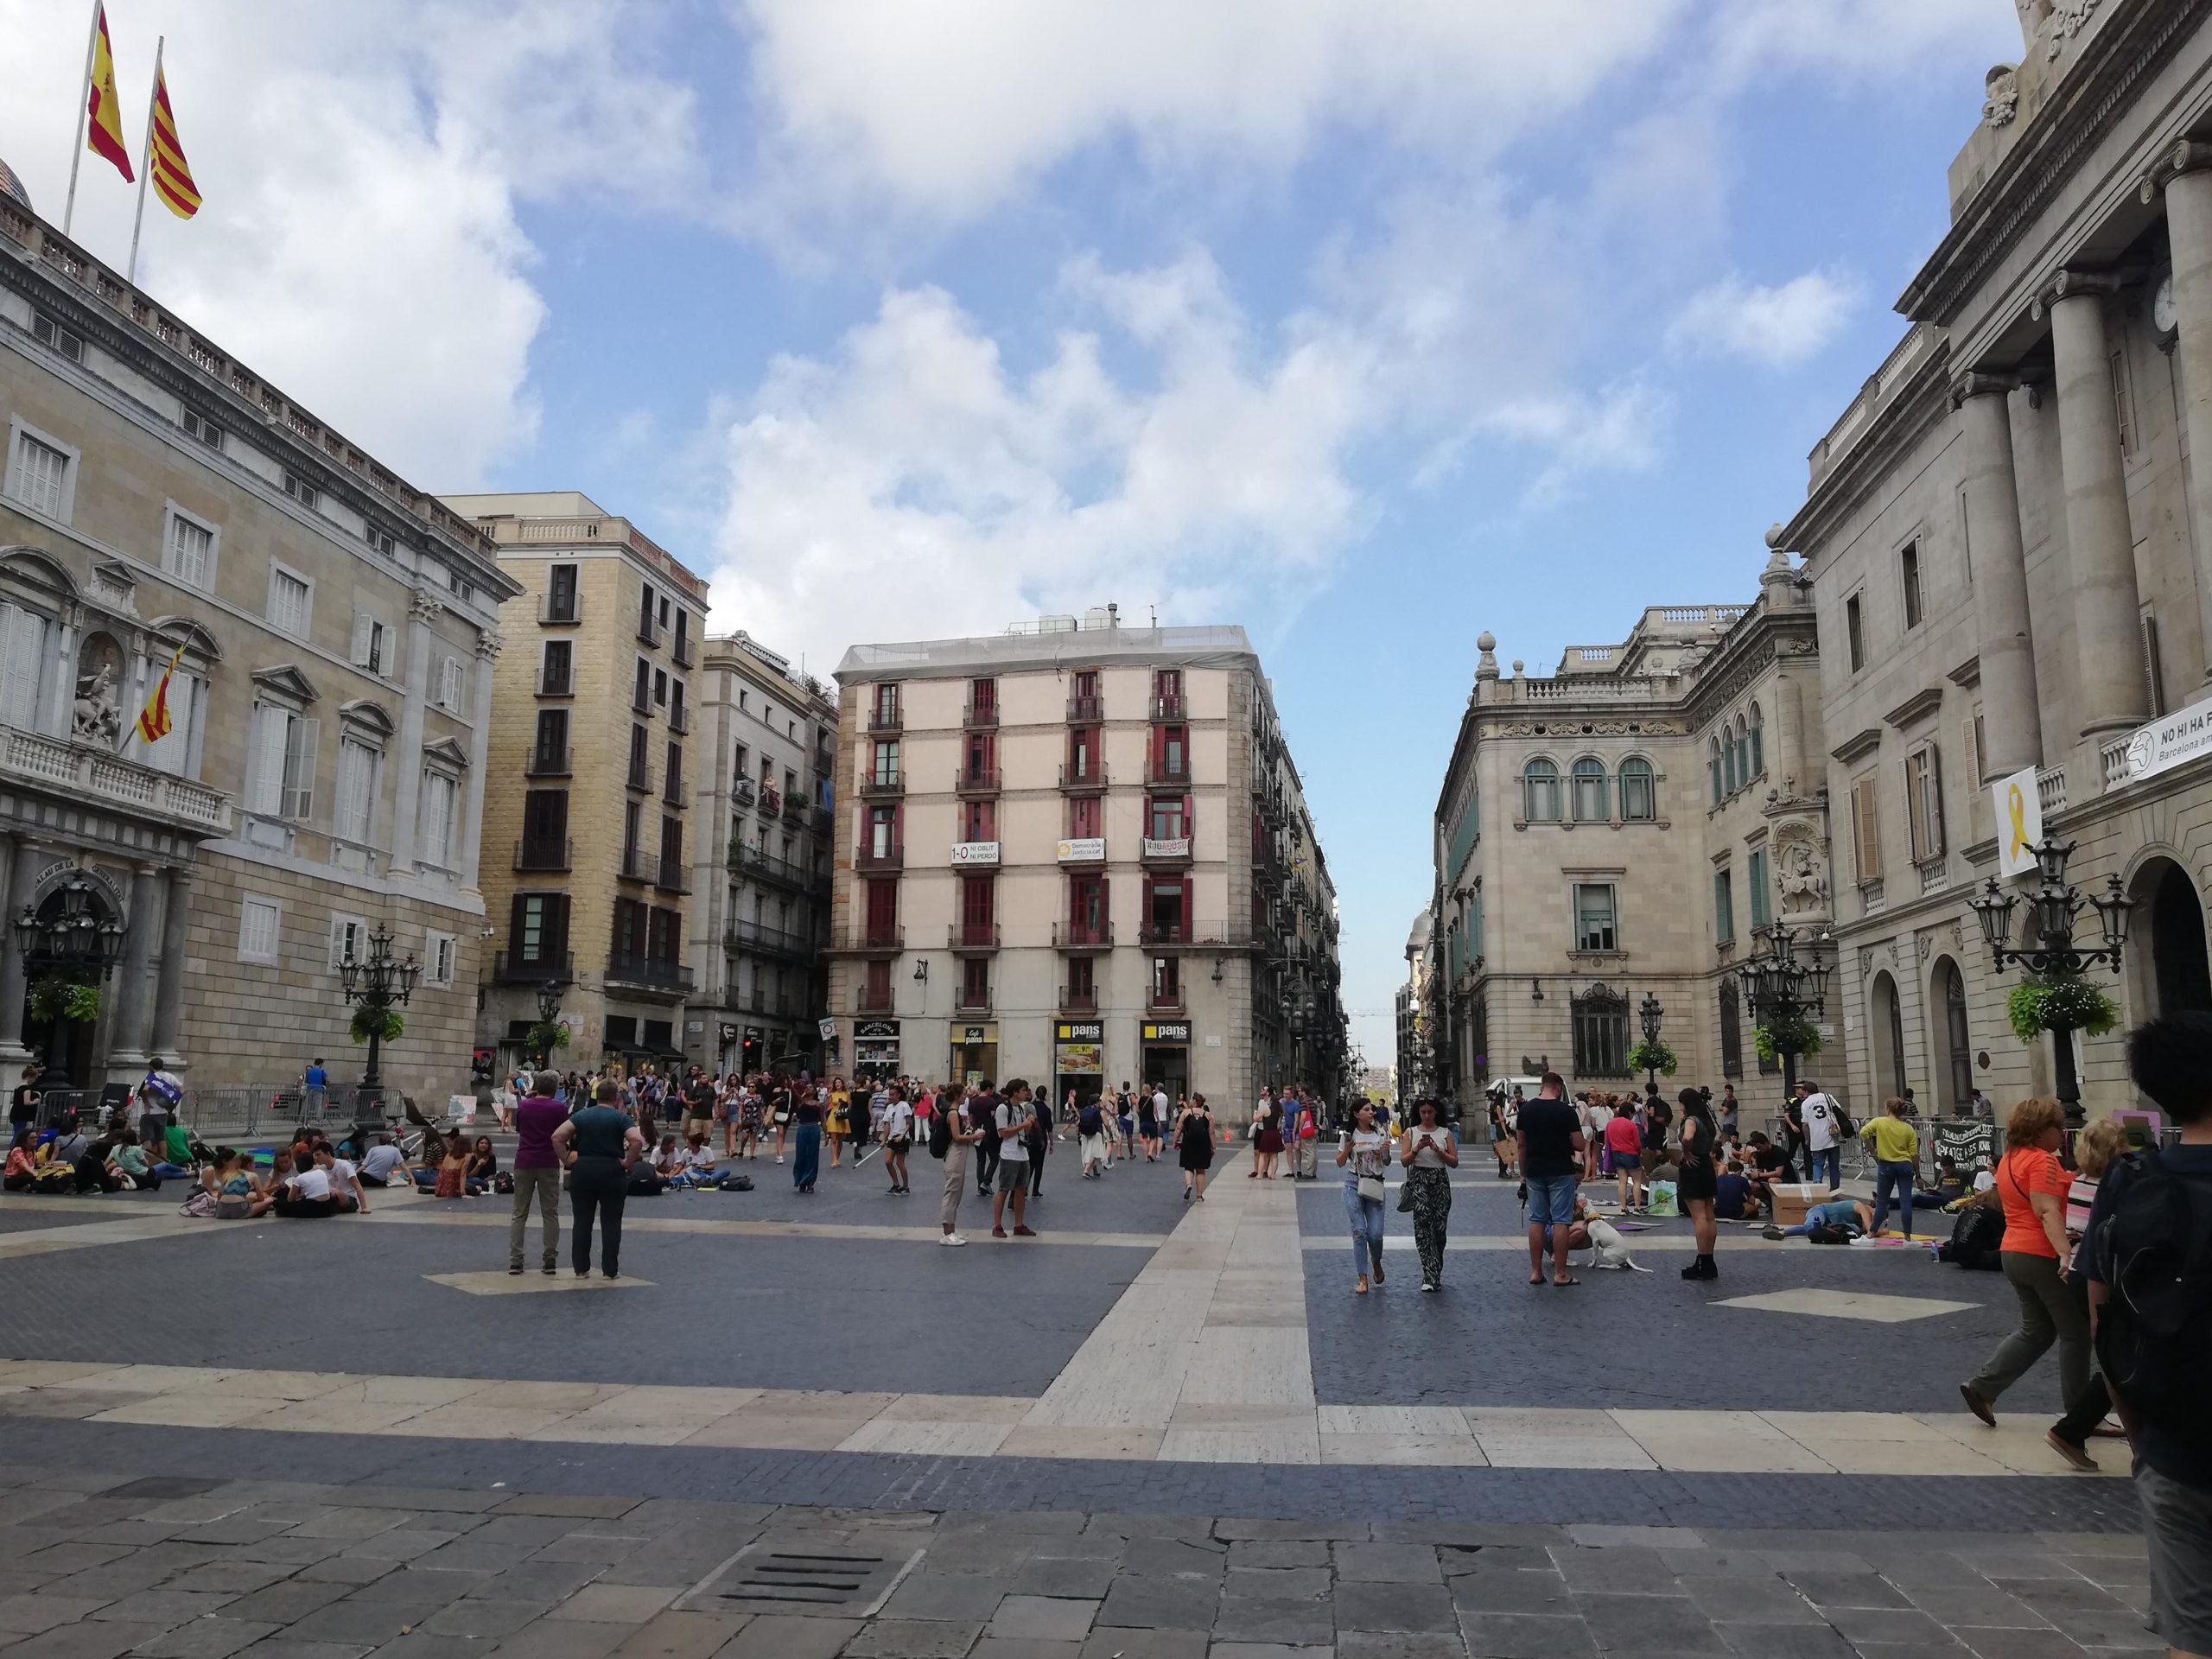 La plaça Sant Jaume amb la façana de la Generalitat sense llaç groc i el símbol dels presos polítics que encara es conserva a l'Ajuntament / A.L.